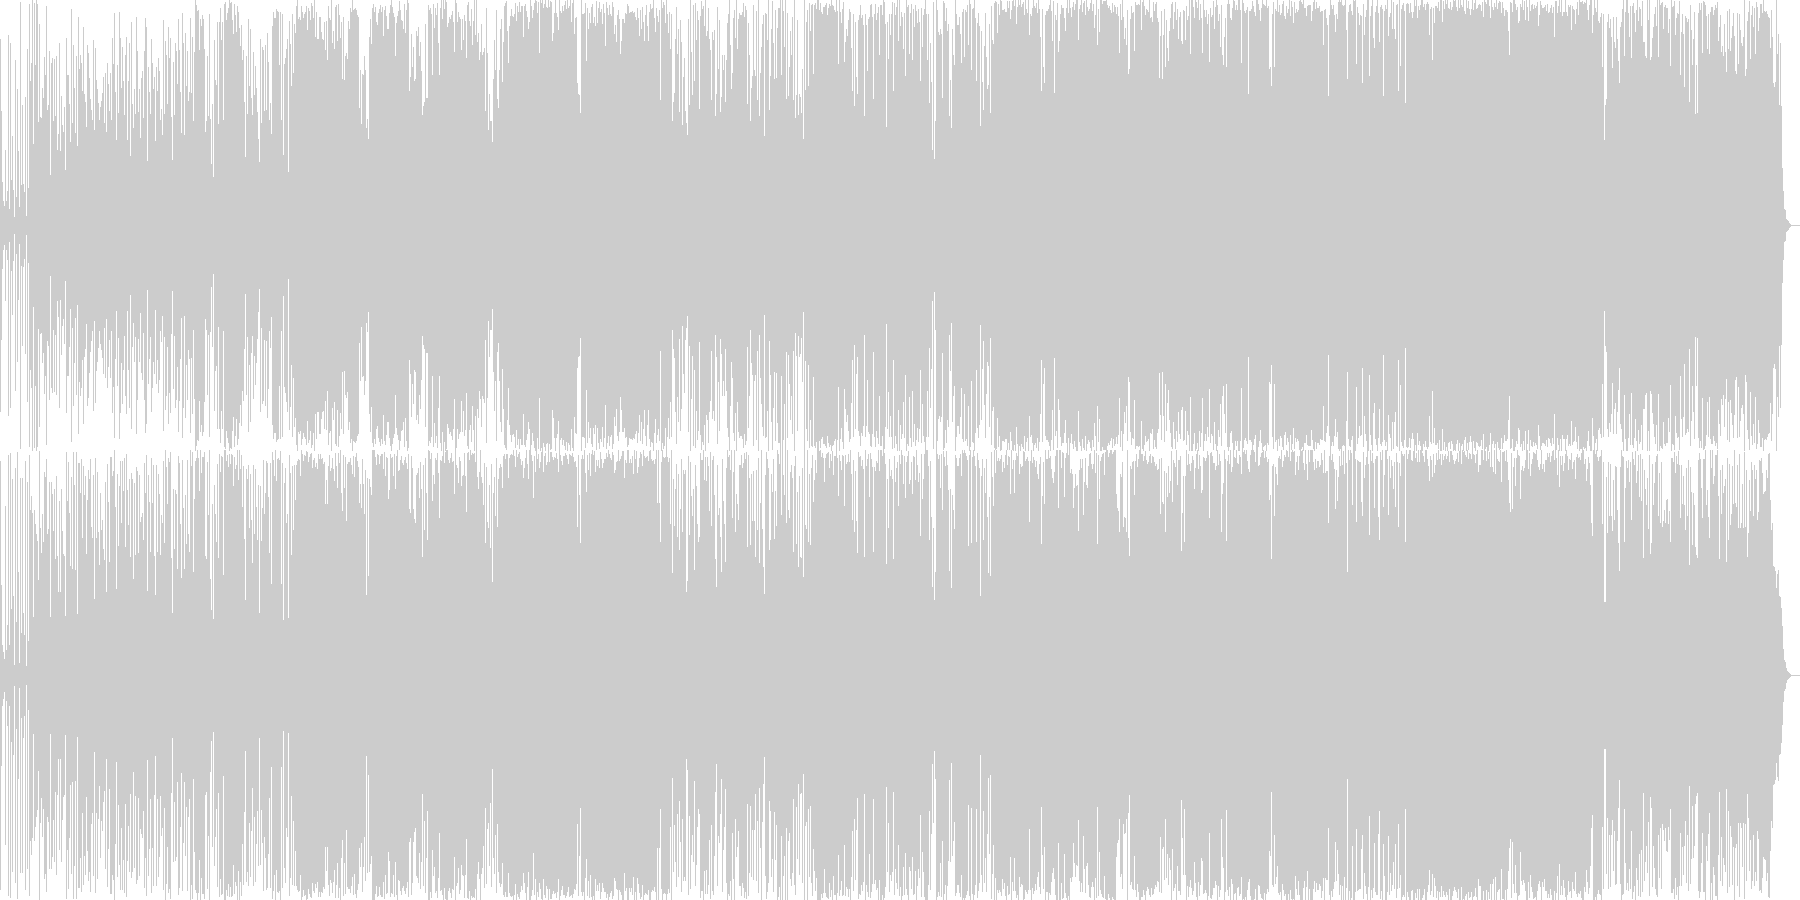 アルト&テナーサックスシンプルなメロディの未再生の波形